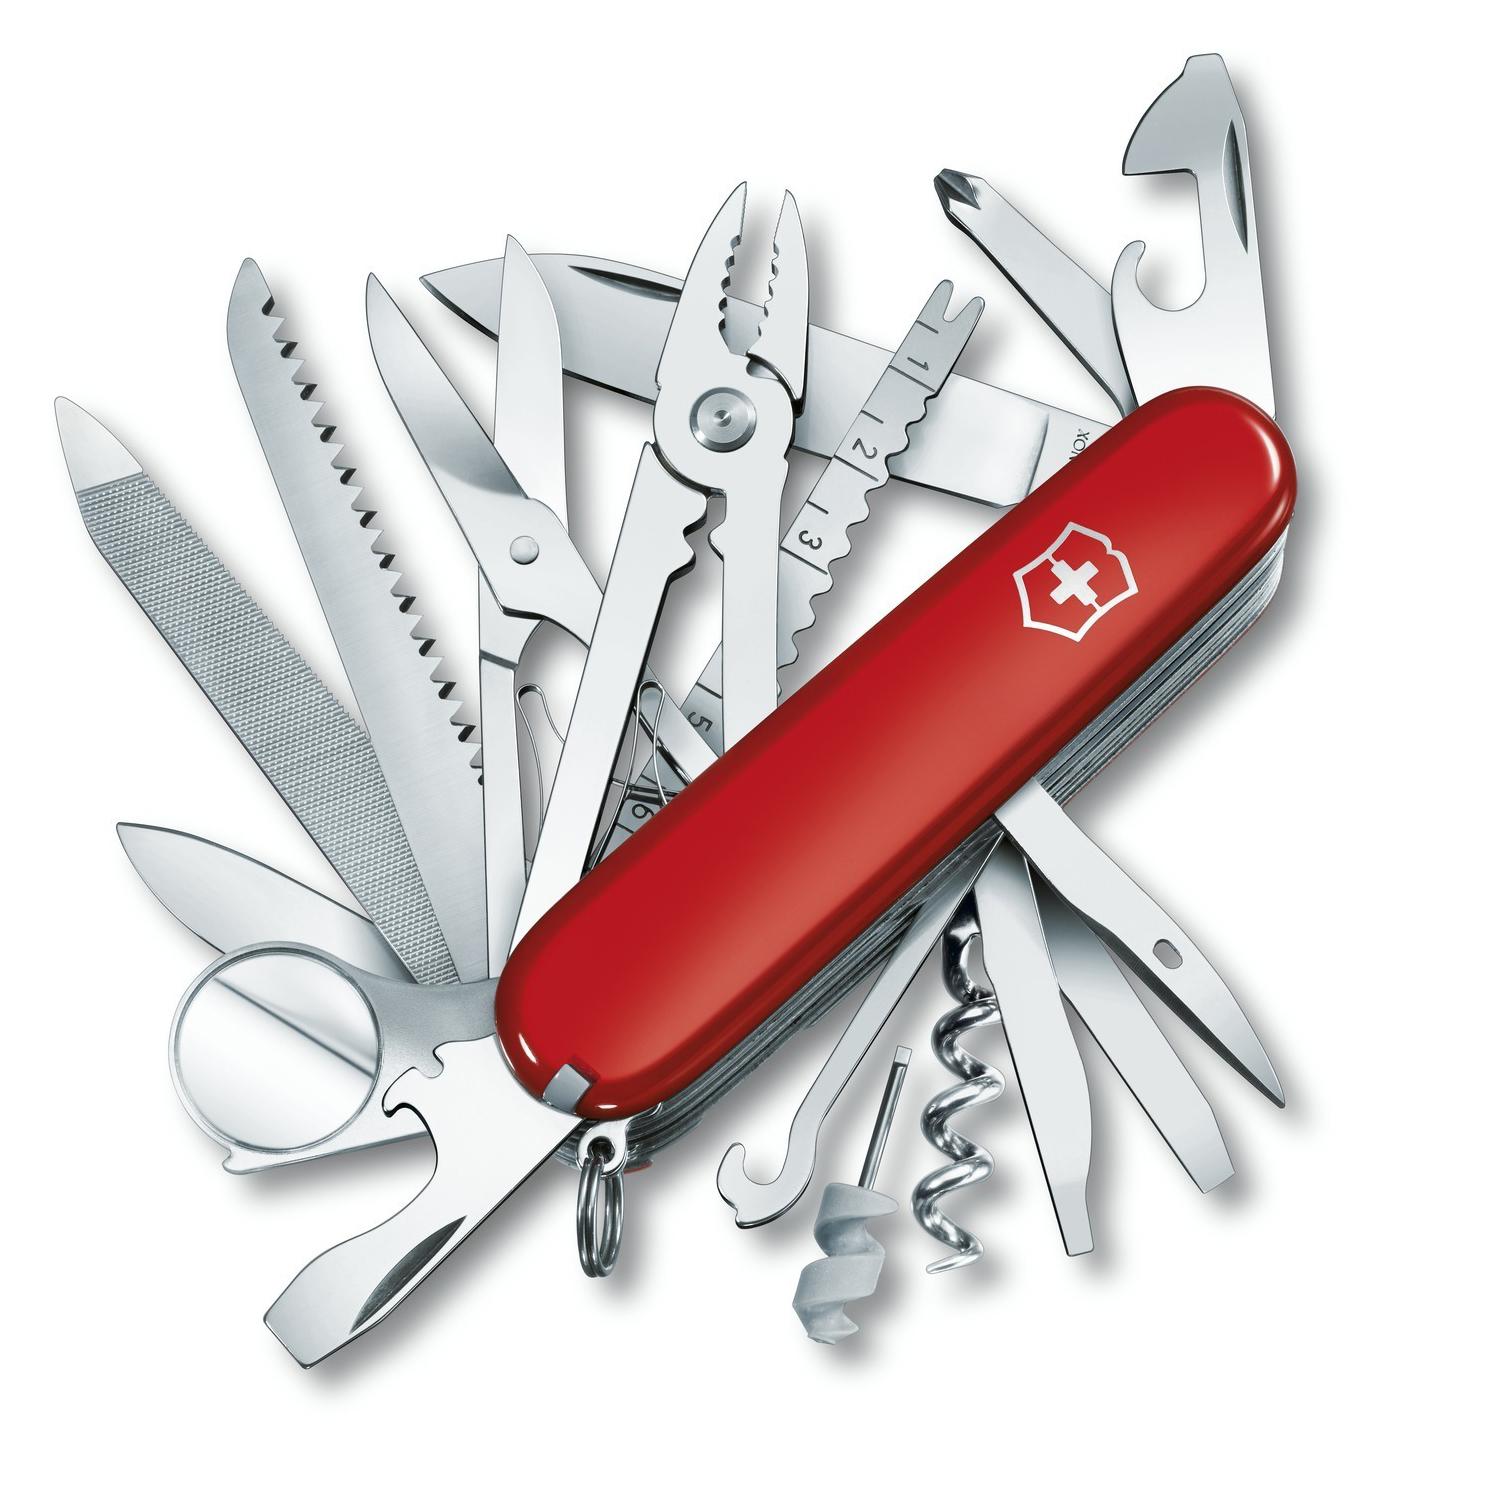 Нож перочинный Victorinox SwissChamp, сталь X55CrMo14, рукоять Cellidor®, красный